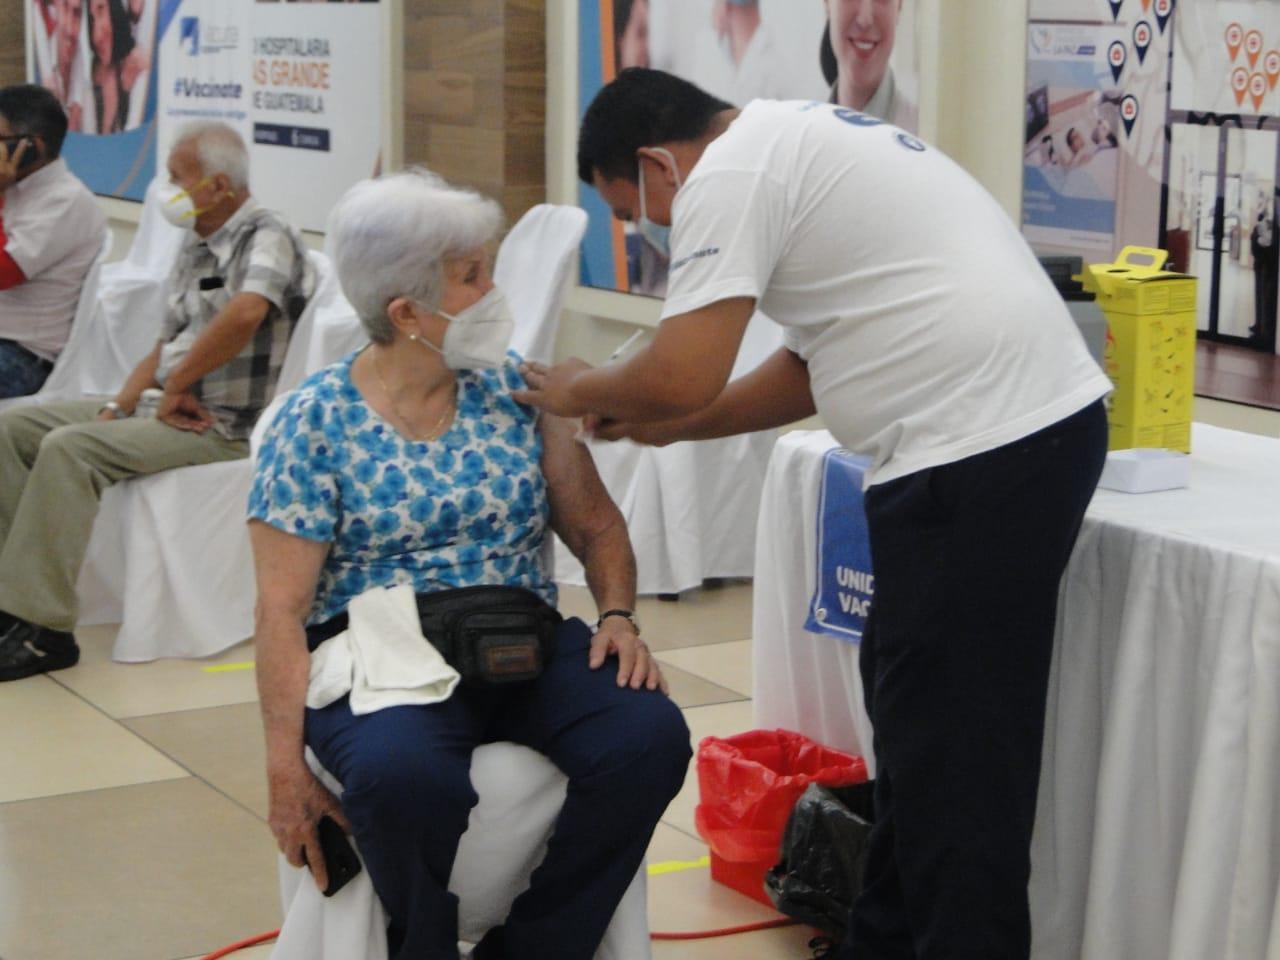 La segunda fase de vacunación contra el COVID-19 está en marcha en Retalhuleu. El personal del área de Salud empezó la aplicación de la primera dosis a vecinos previamente registrados.